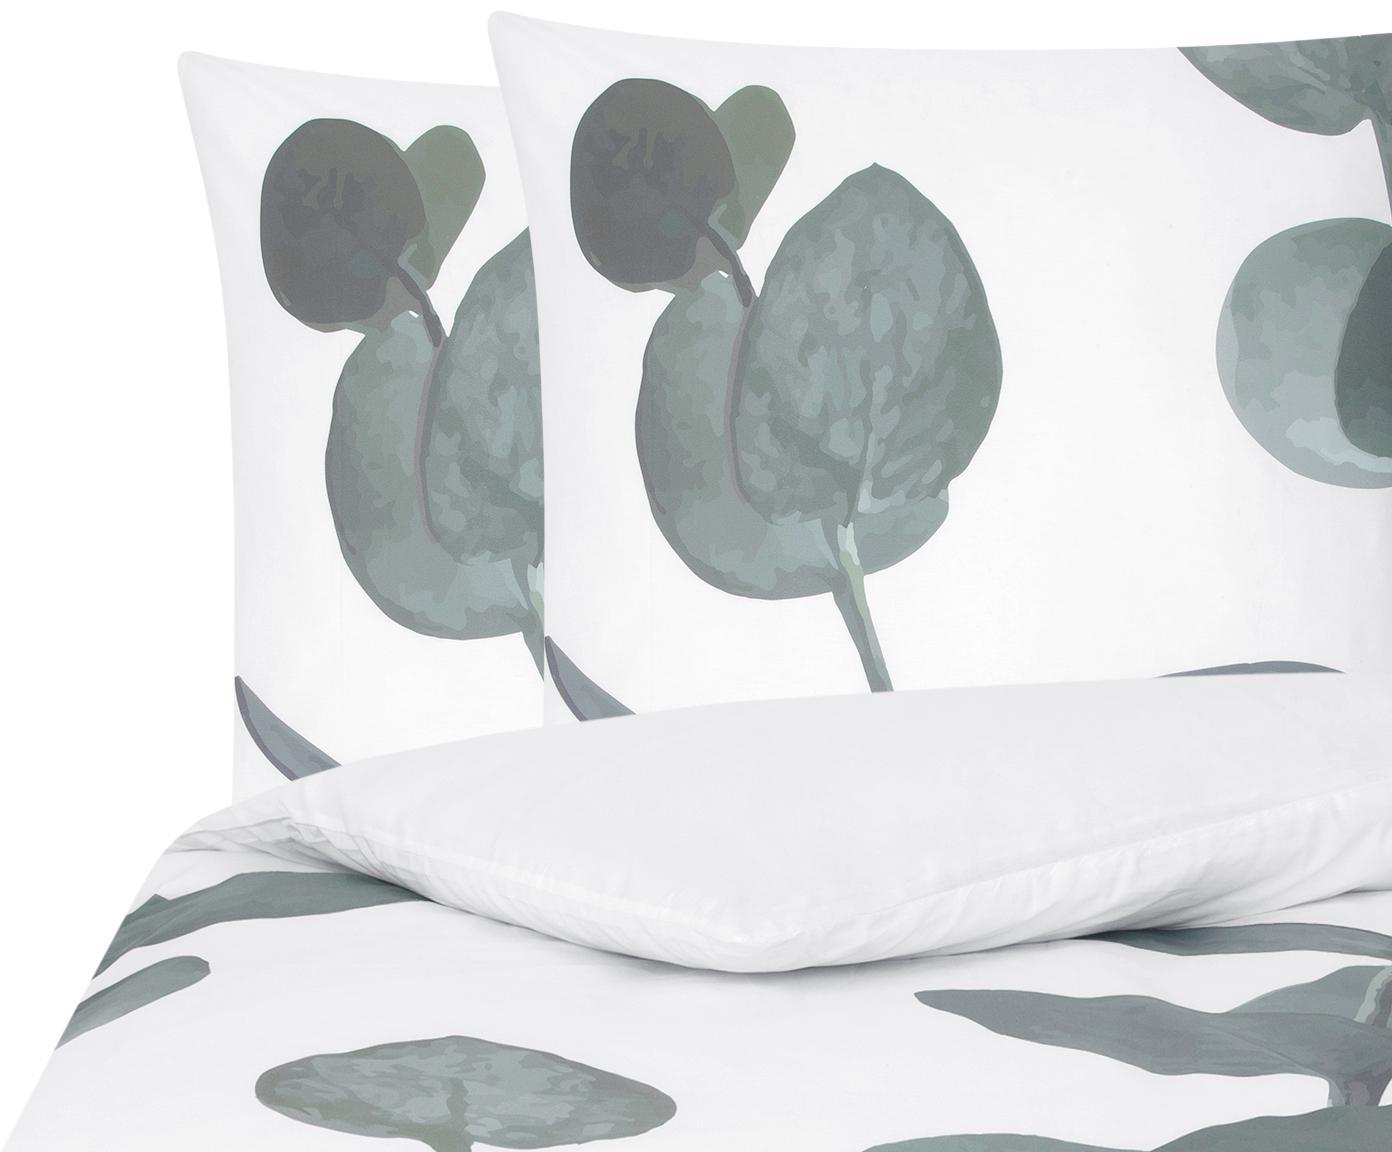 Baumwollperkal-Bettwäsche Eukalyptus mit Blattmotiv, Webart: Perkal Fadendichte 180 TC, Grün, Cremeweiß, 240 x 220 cm + 2 Kissen 80 x 80 cm